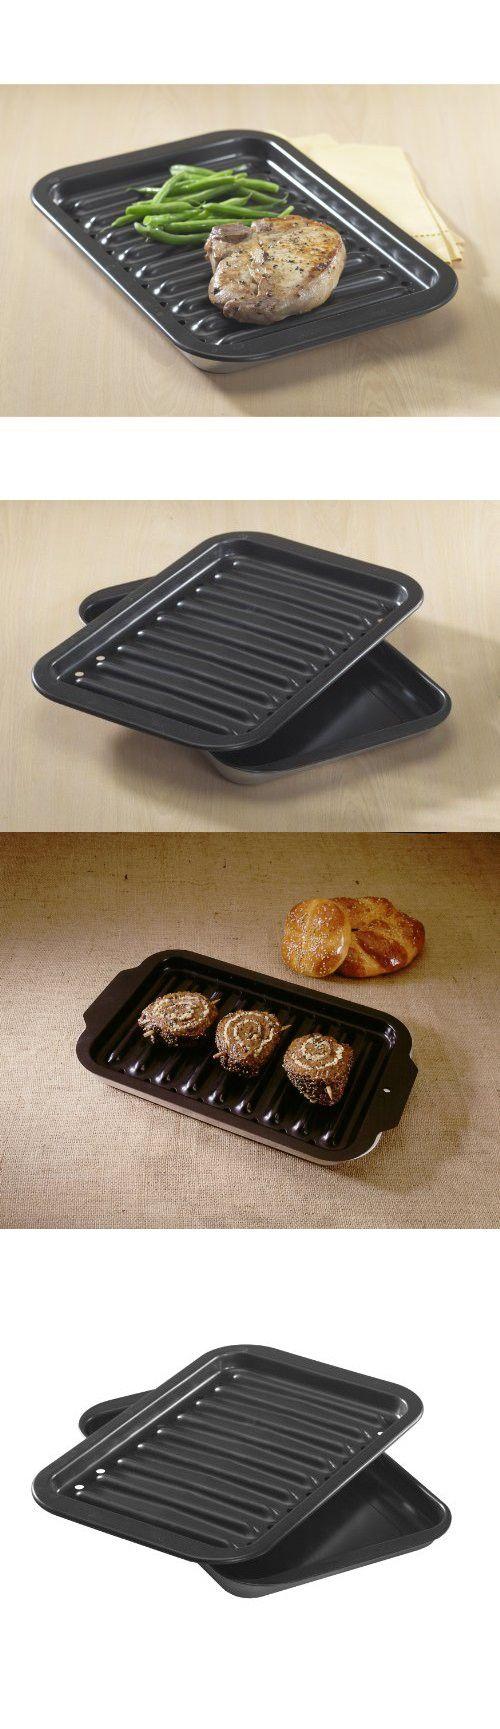 Nordic Ware Nonstick Broiler Pan Set